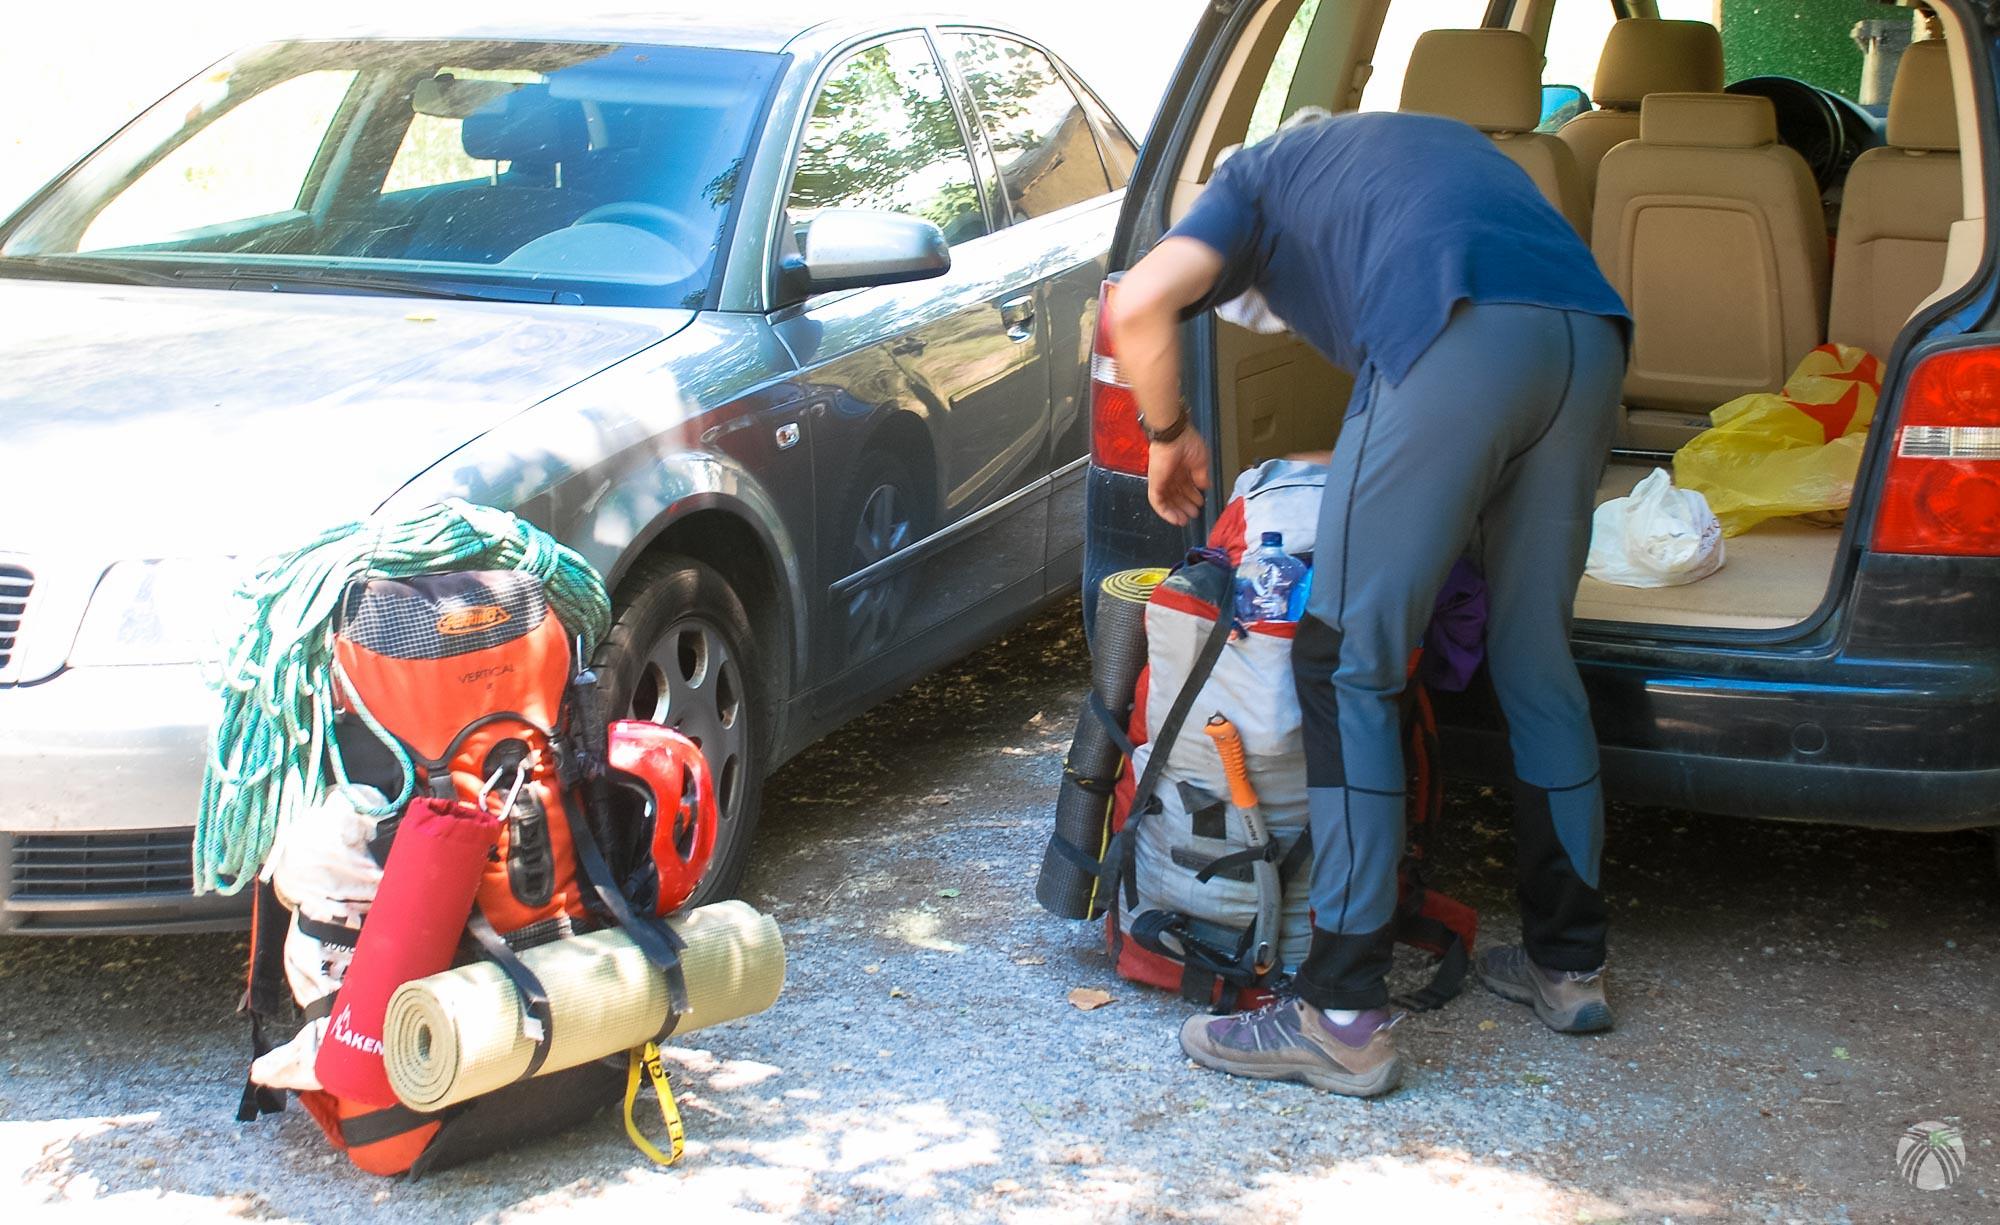 Organizando las mochilas en el barranco de San Juan